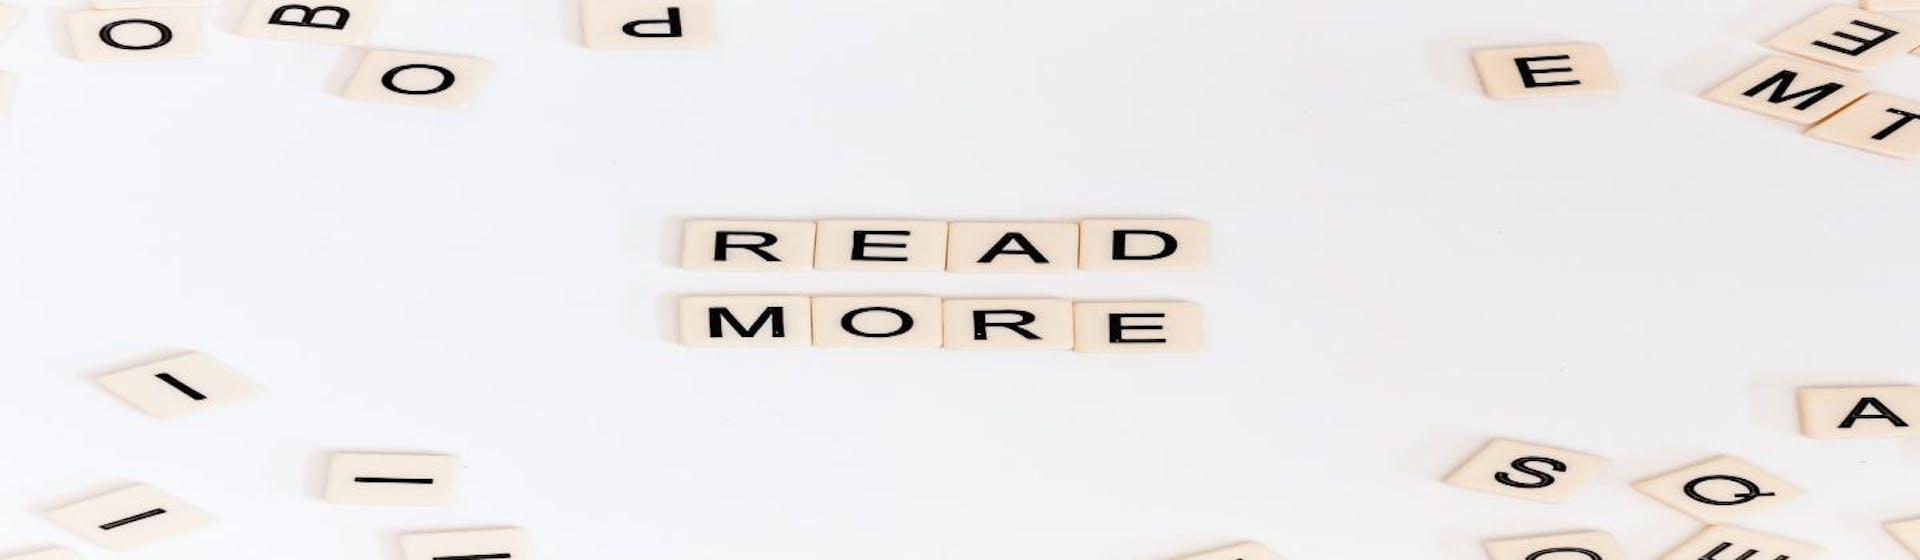 Los mejores libros para leer: 50 libros que no pueden faltar en tu biblioteca